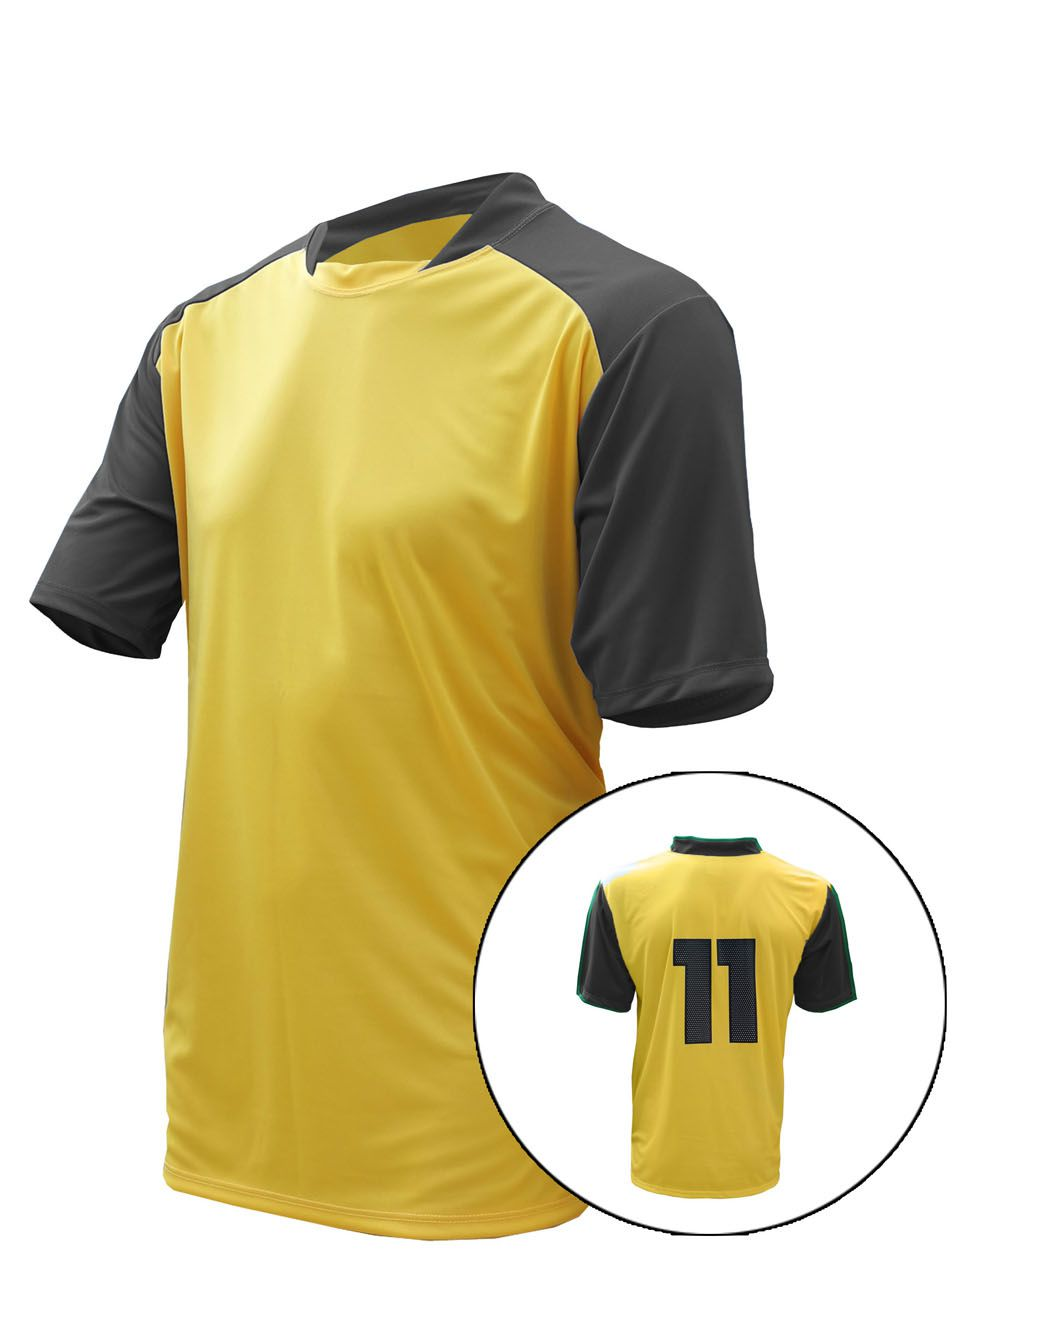 camisa trivela - Busca na E3M3 43adb82ed1998